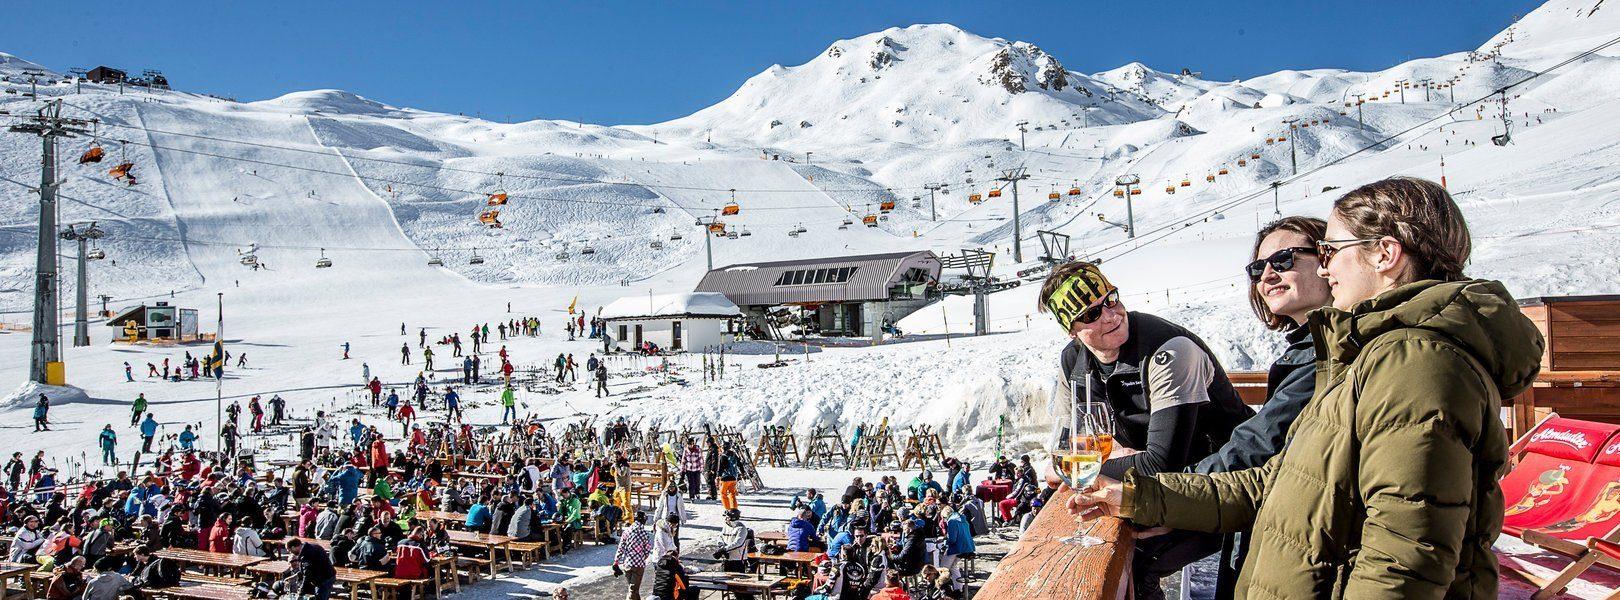 Аншлаг на горнолыжных курортах Австрии